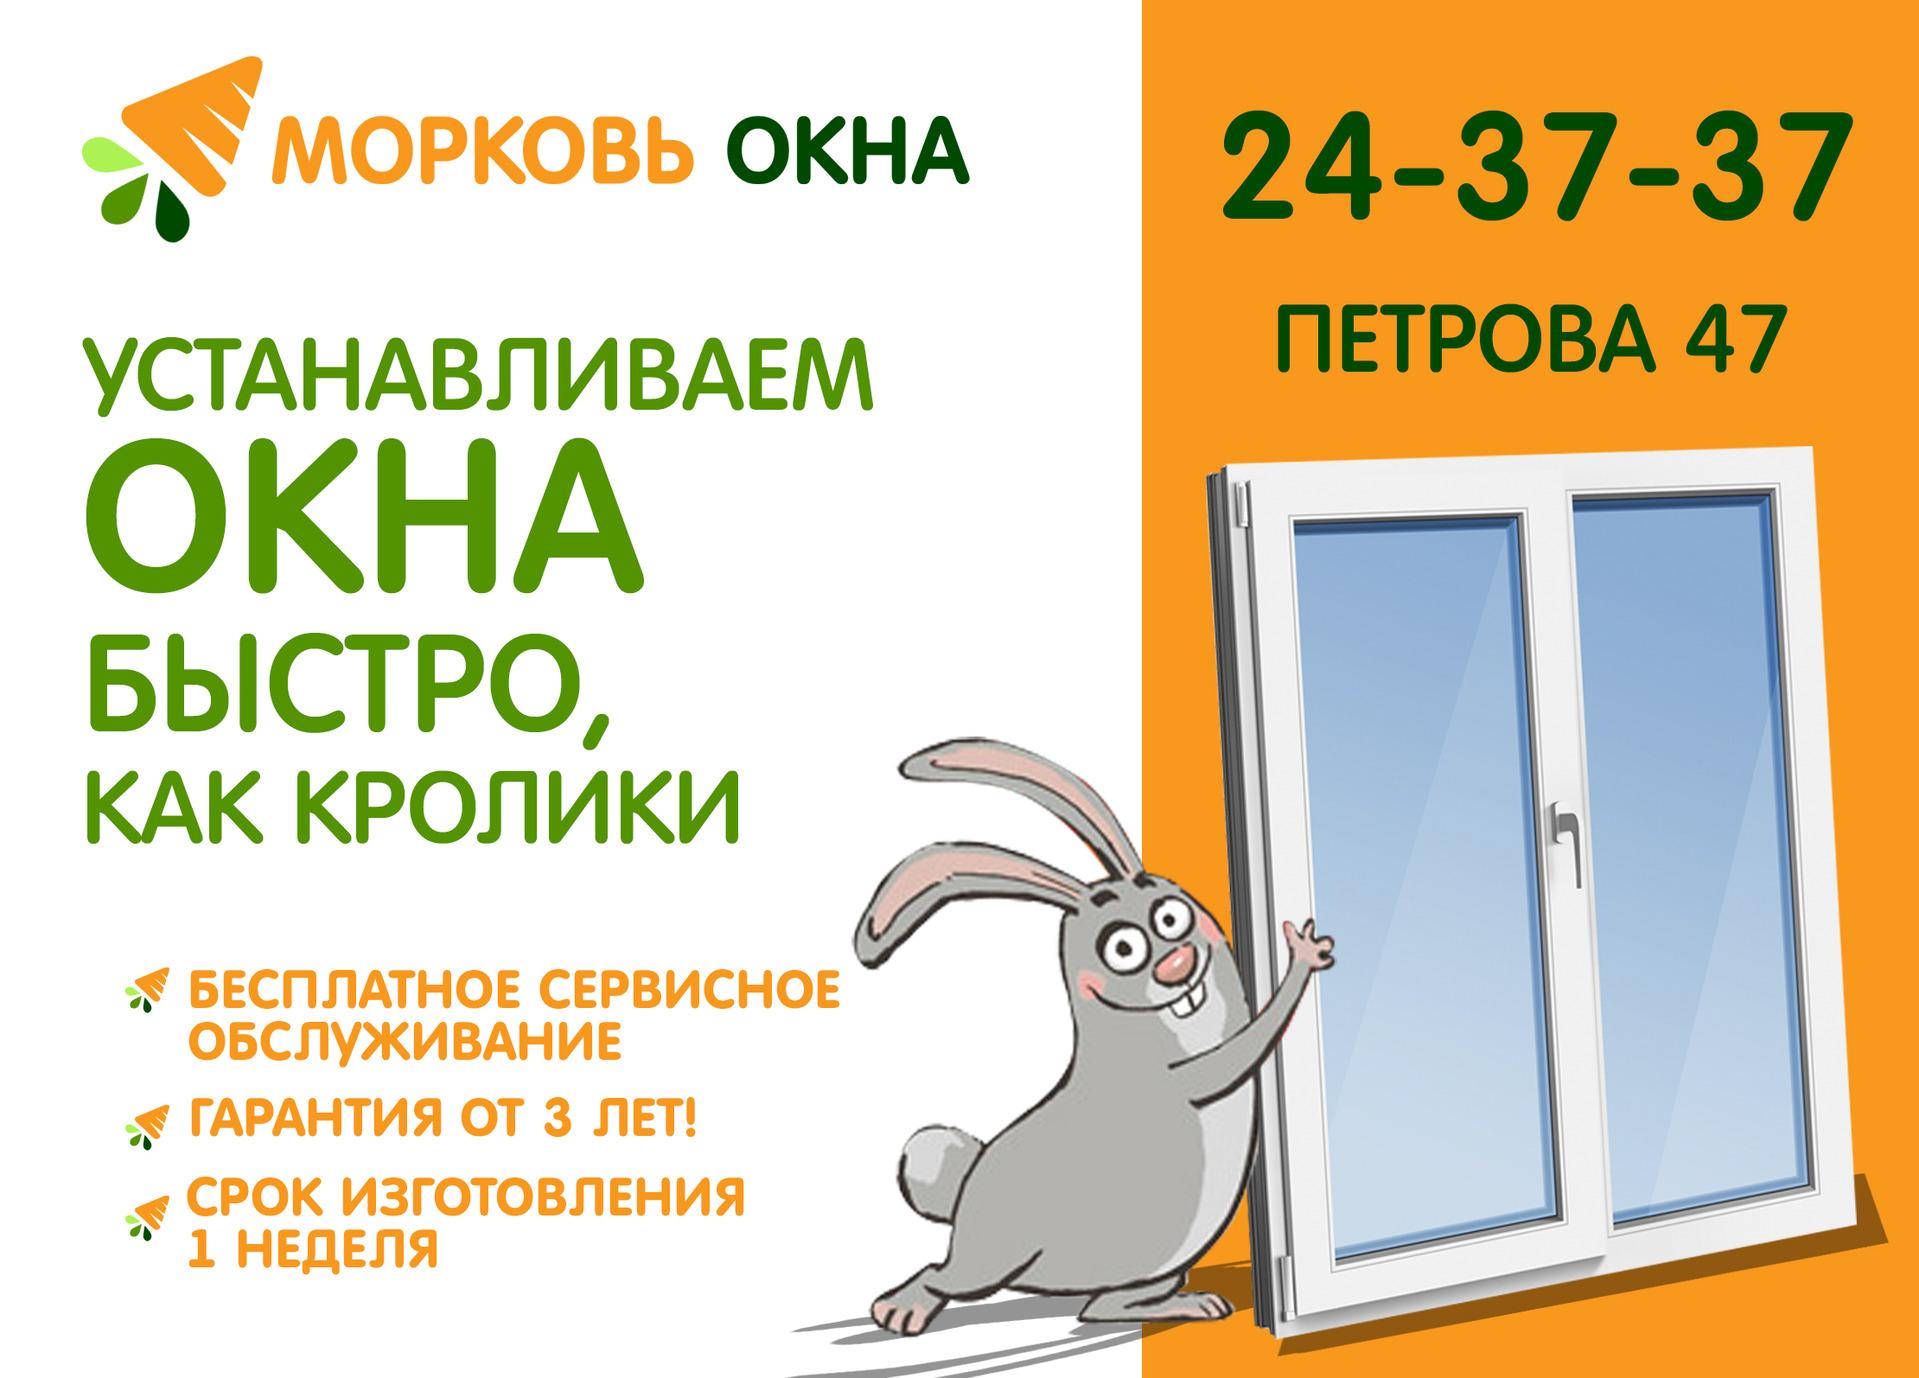 Дизайн окно реклама